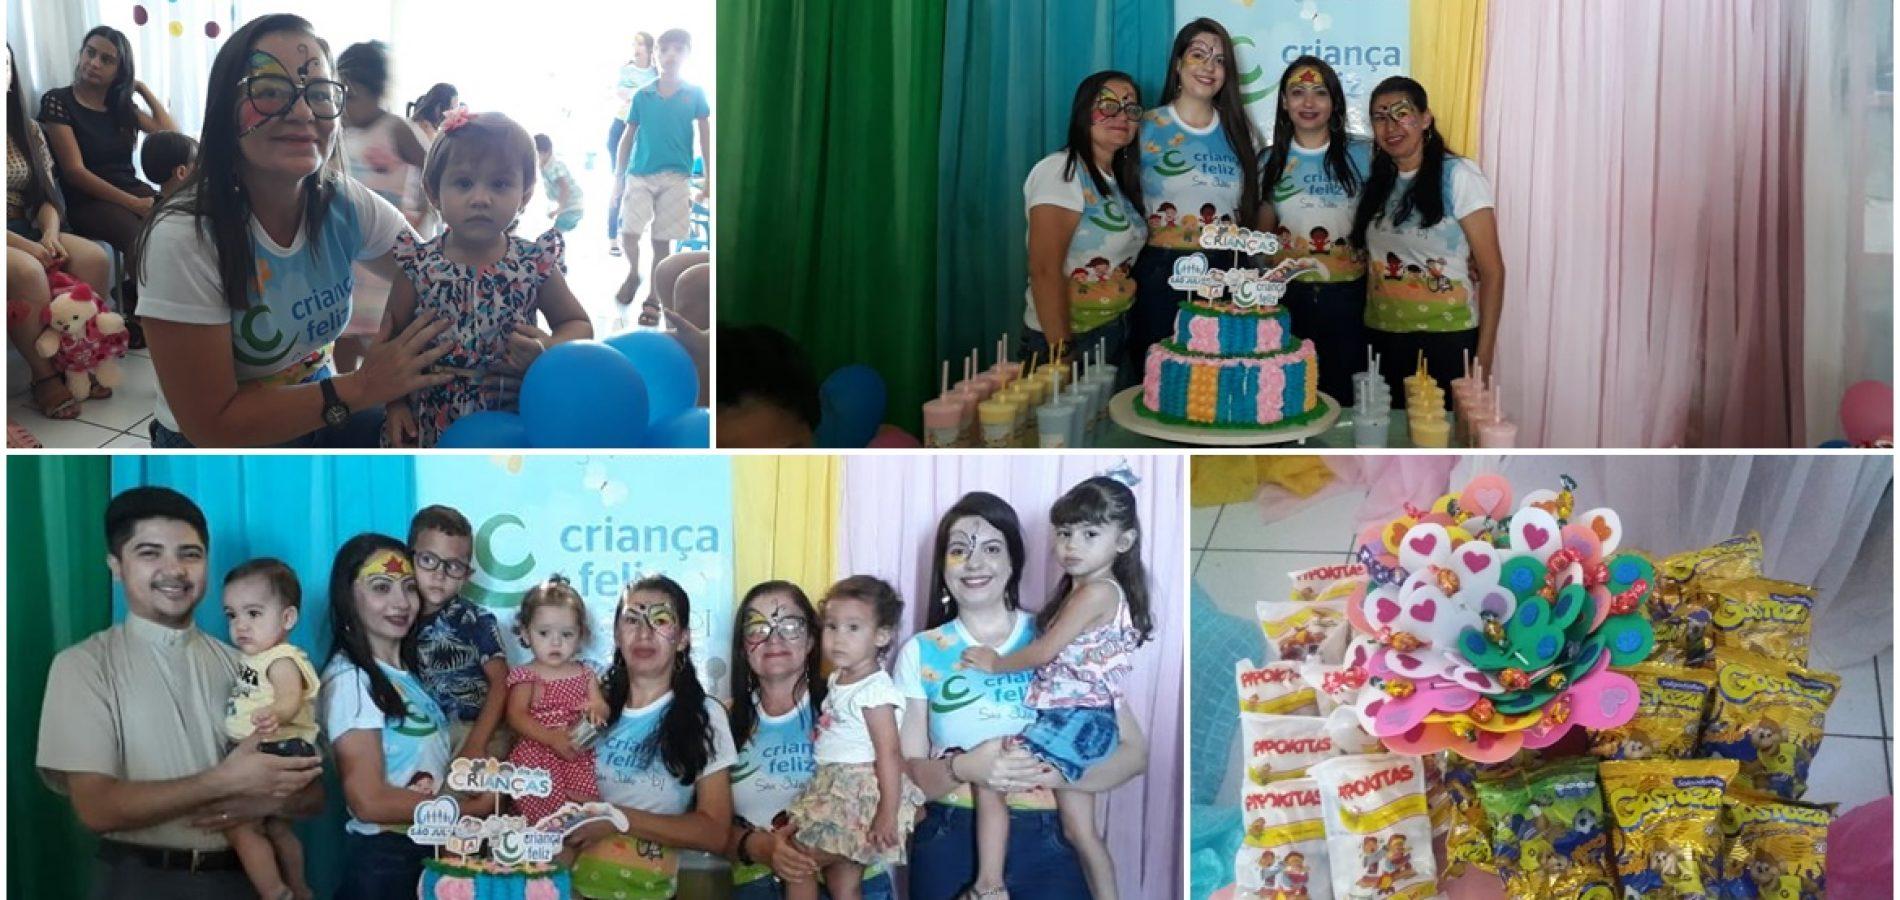 SÃO JULIÃO   Prefeitura realiza evento alusivo ao Dia das Crianças